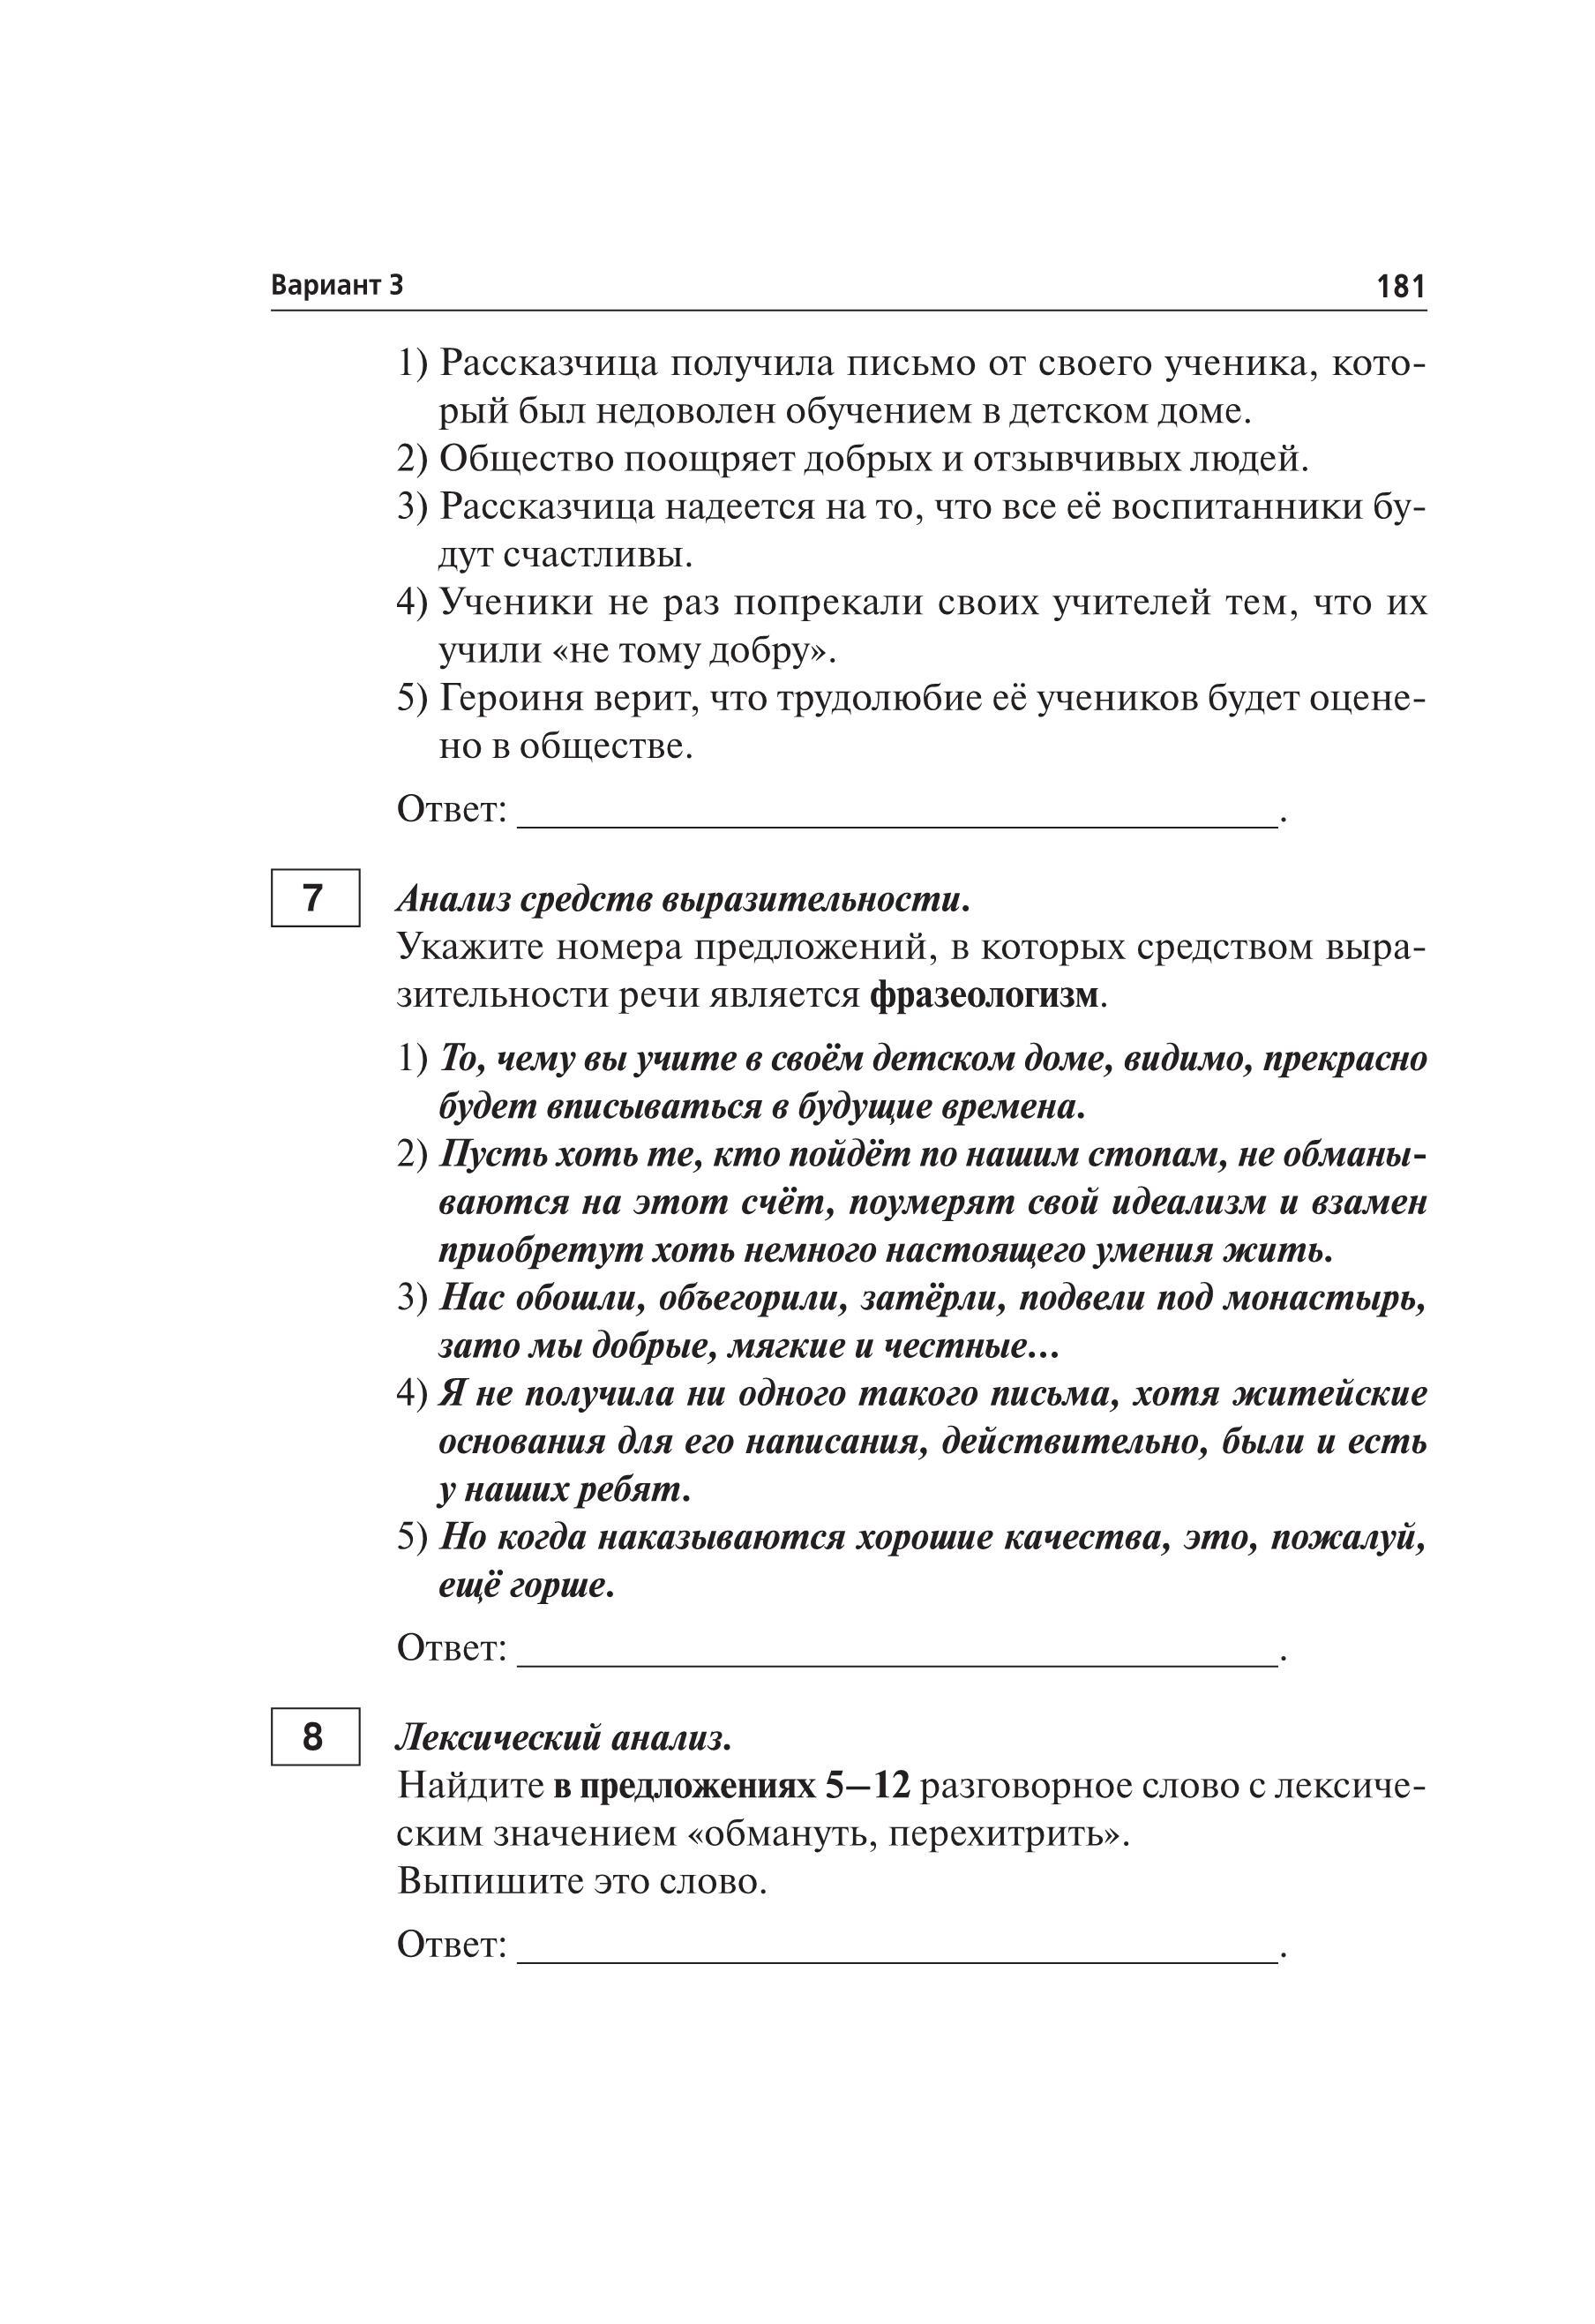 Дробные уравнения. одз. примеры. одз - это область допустимых значений.